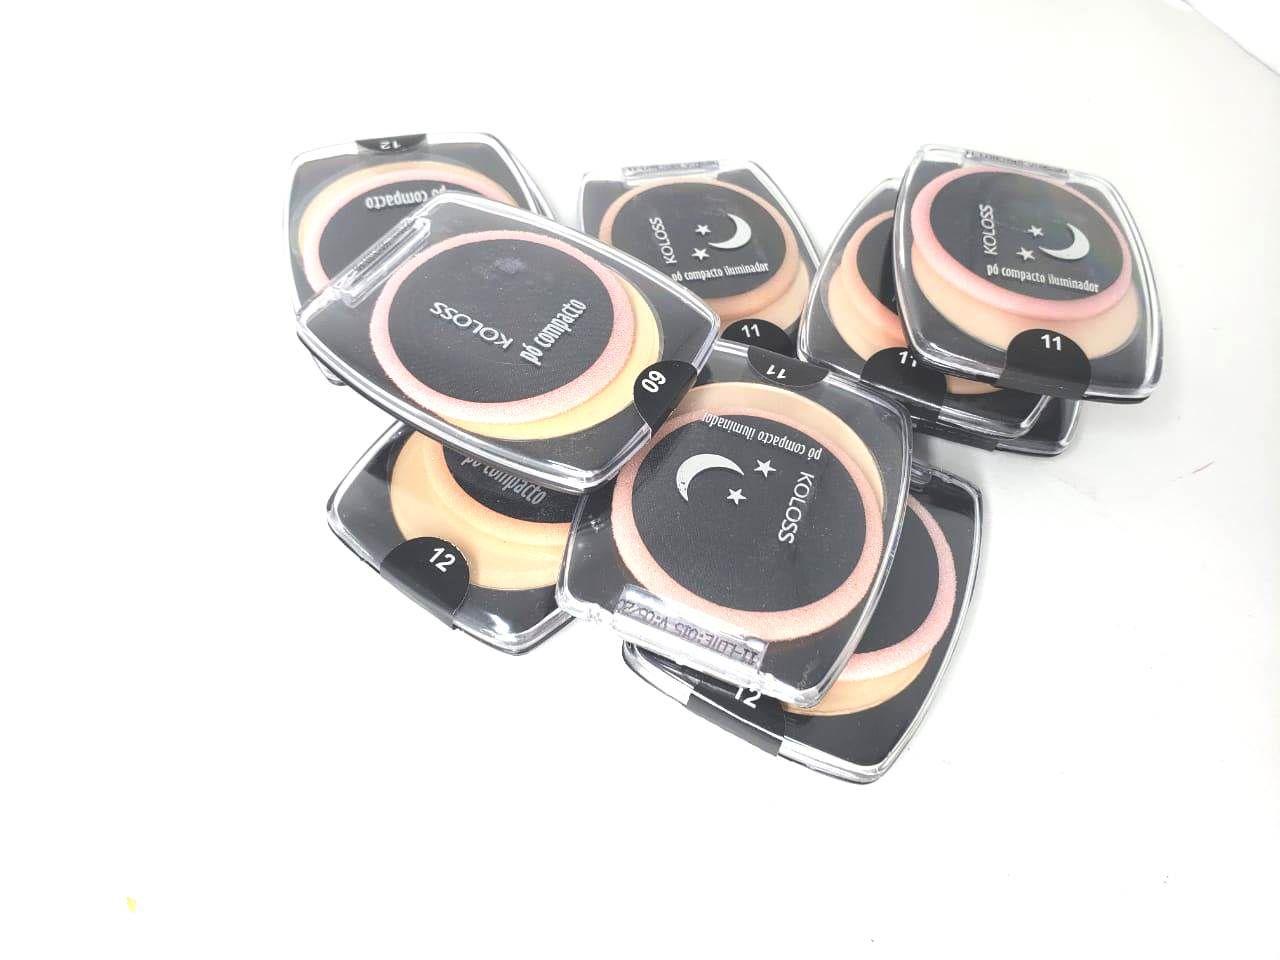 Caixa Pó compacto koloss cor 02 c/ 10 un -preço de custo